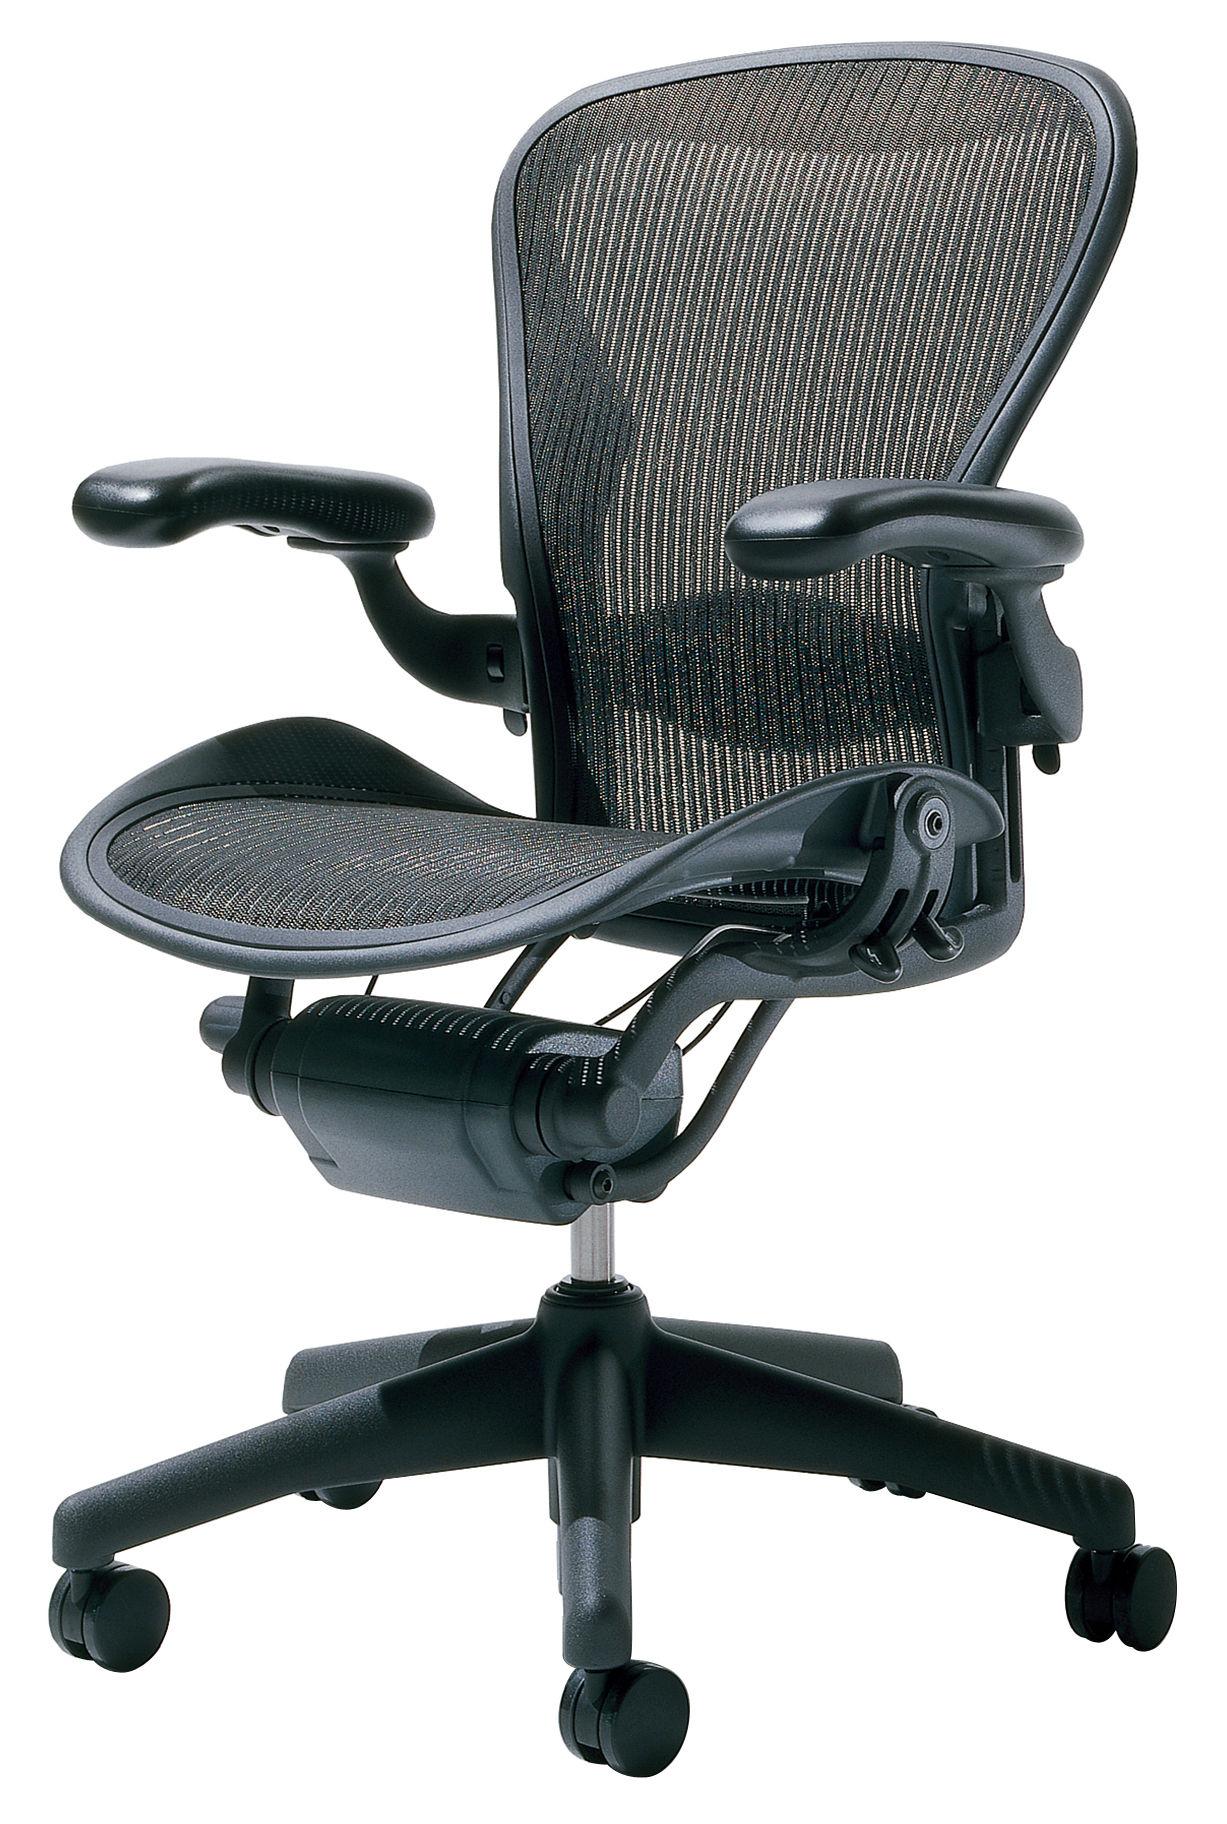 Rentrée 2011 UK - Bureau design - Fauteuil à roulettes Aeron / Assise souple - Herman Miller - Graphite (noir) - Aluminium peint, Résille